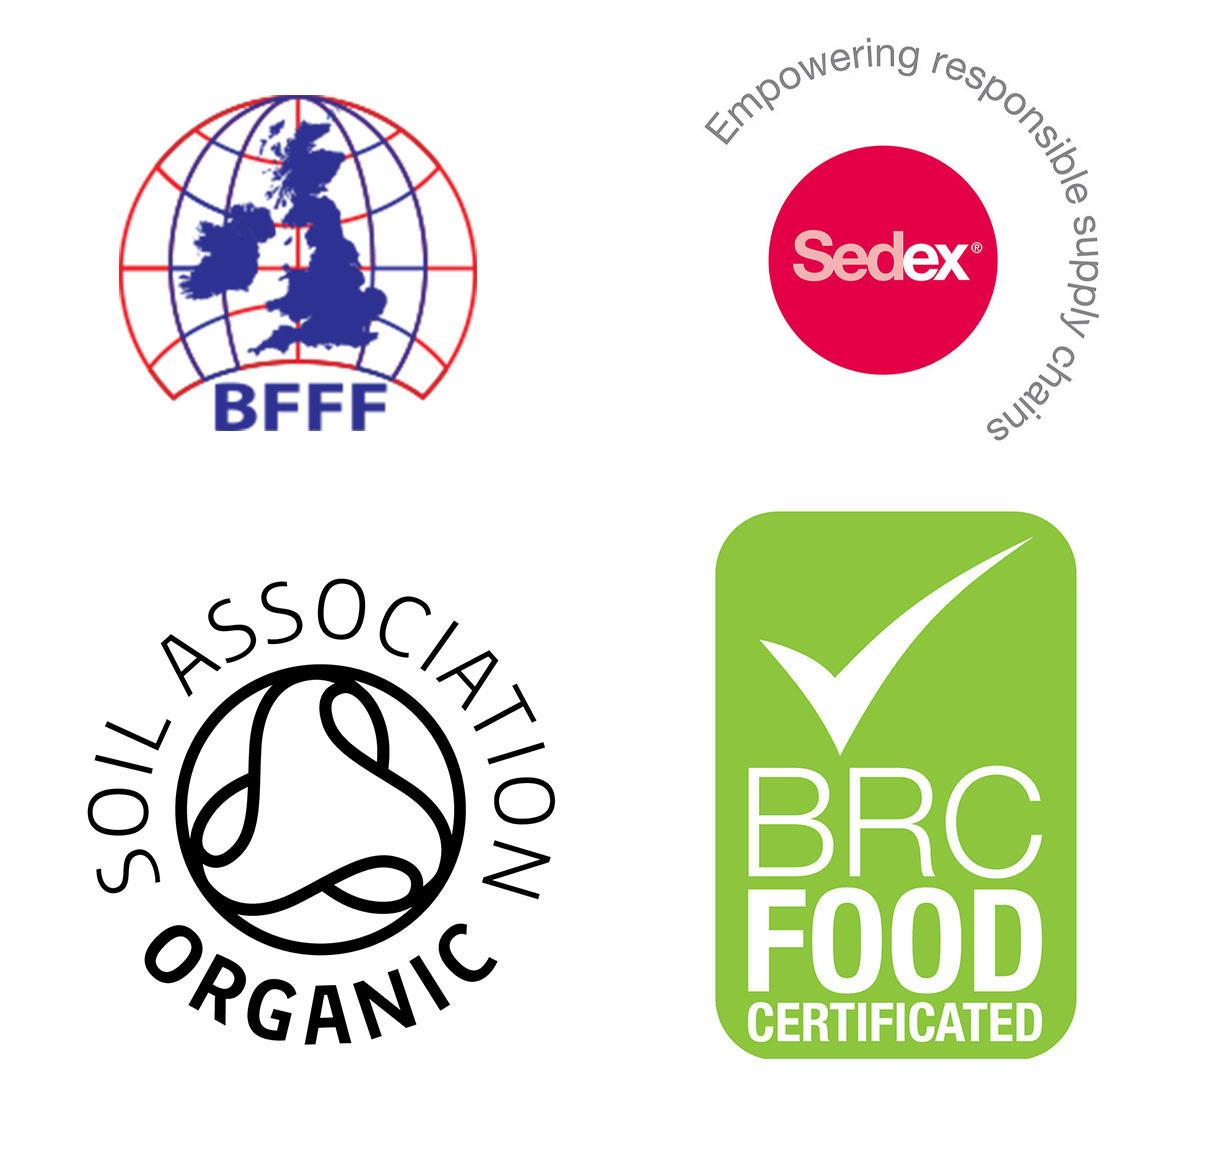 food-logos-plus-bffff-code-update